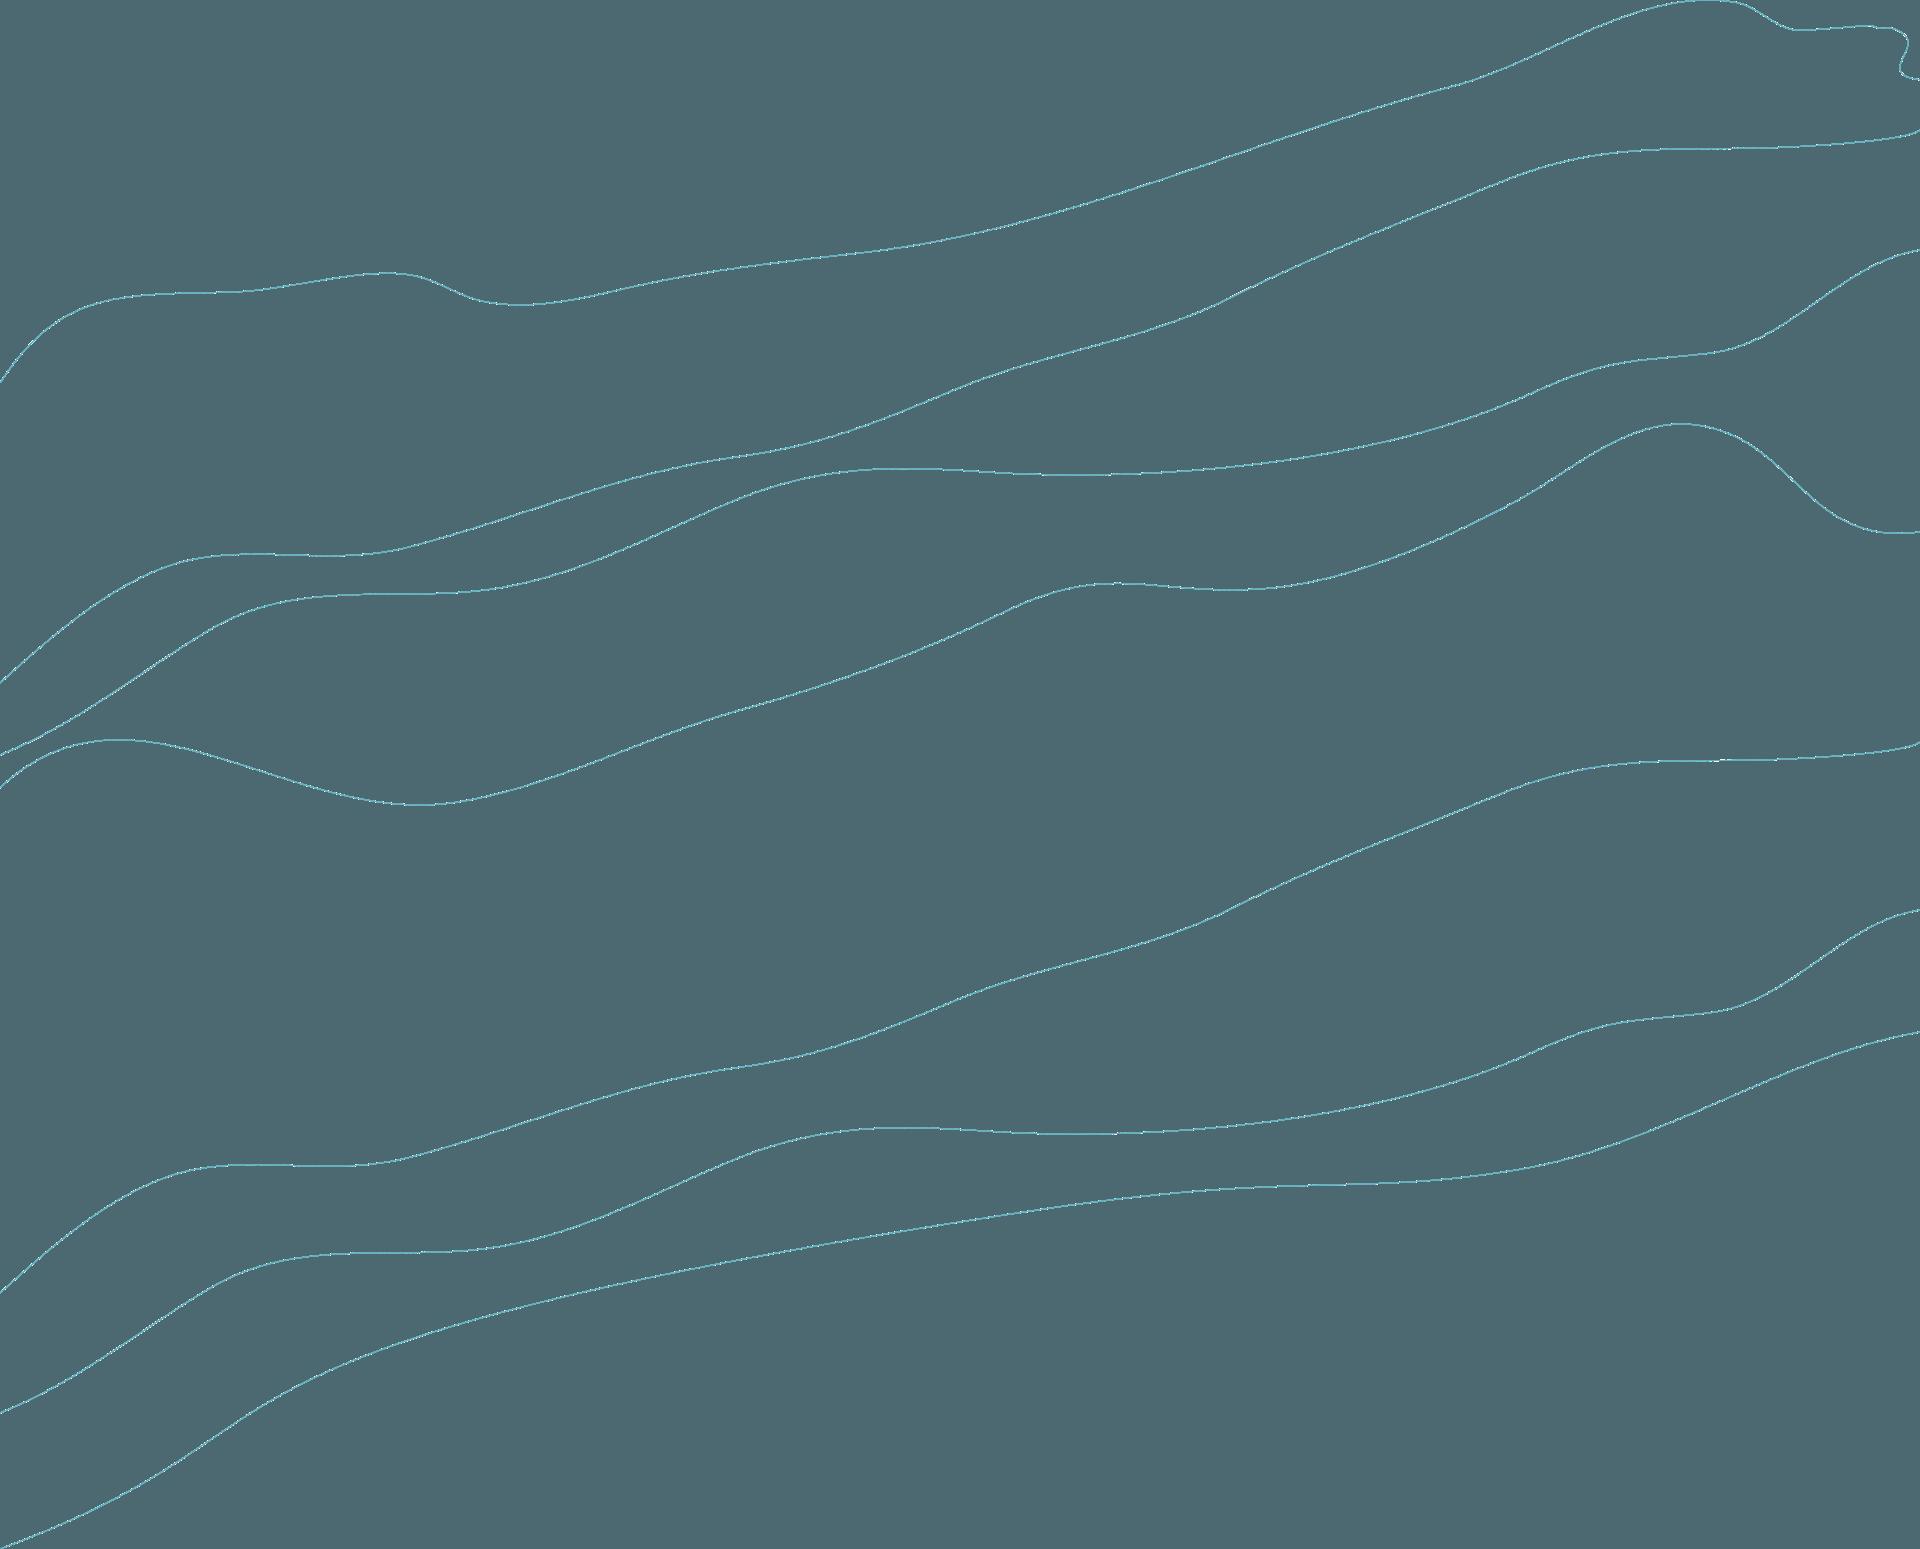 ligne topographique, texture